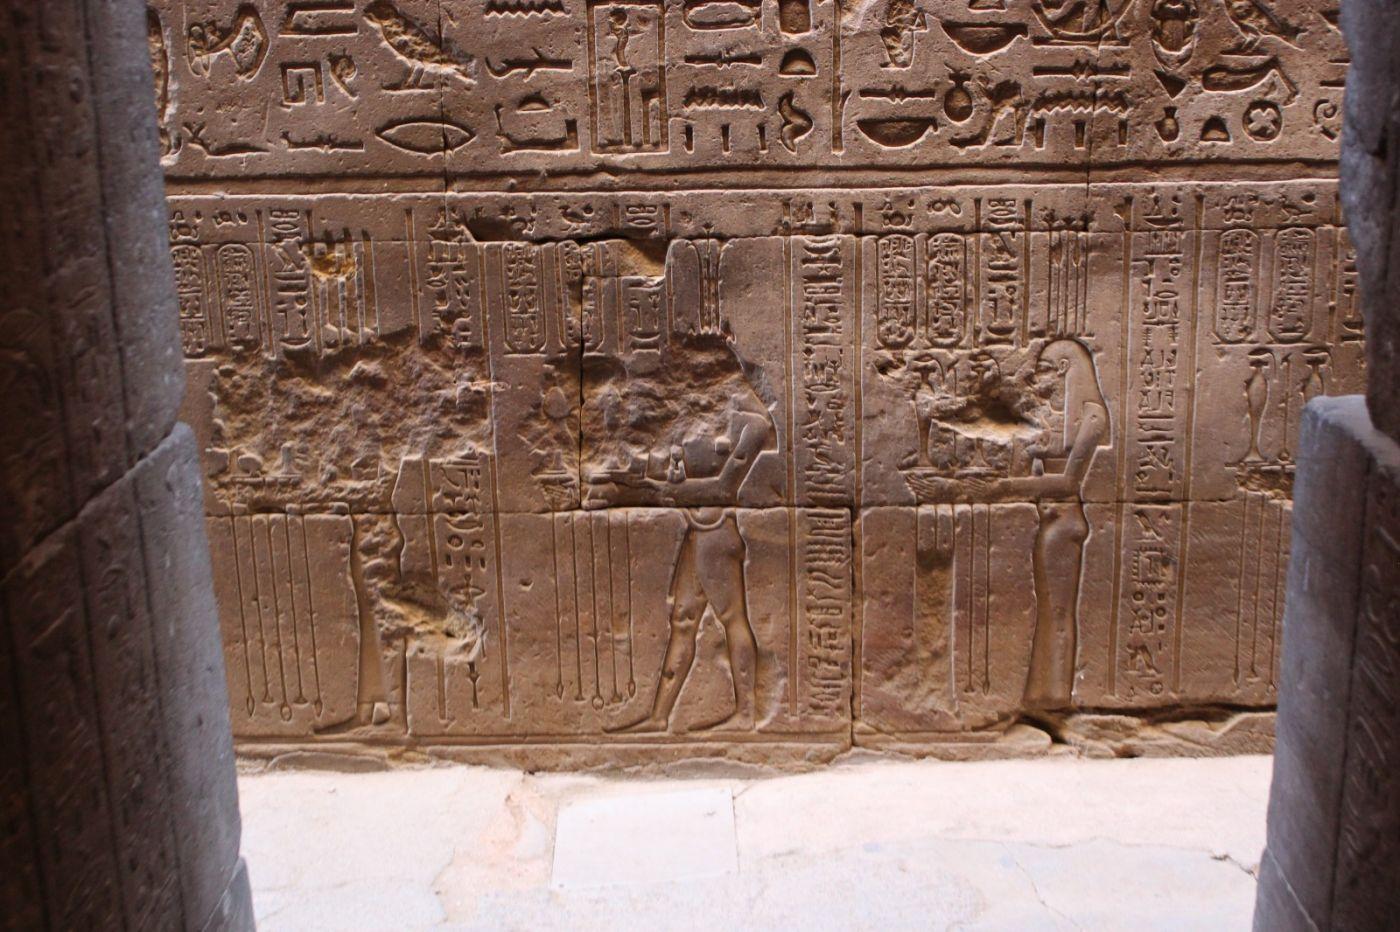 埃德富神庙和卢克索神庙_图1-15